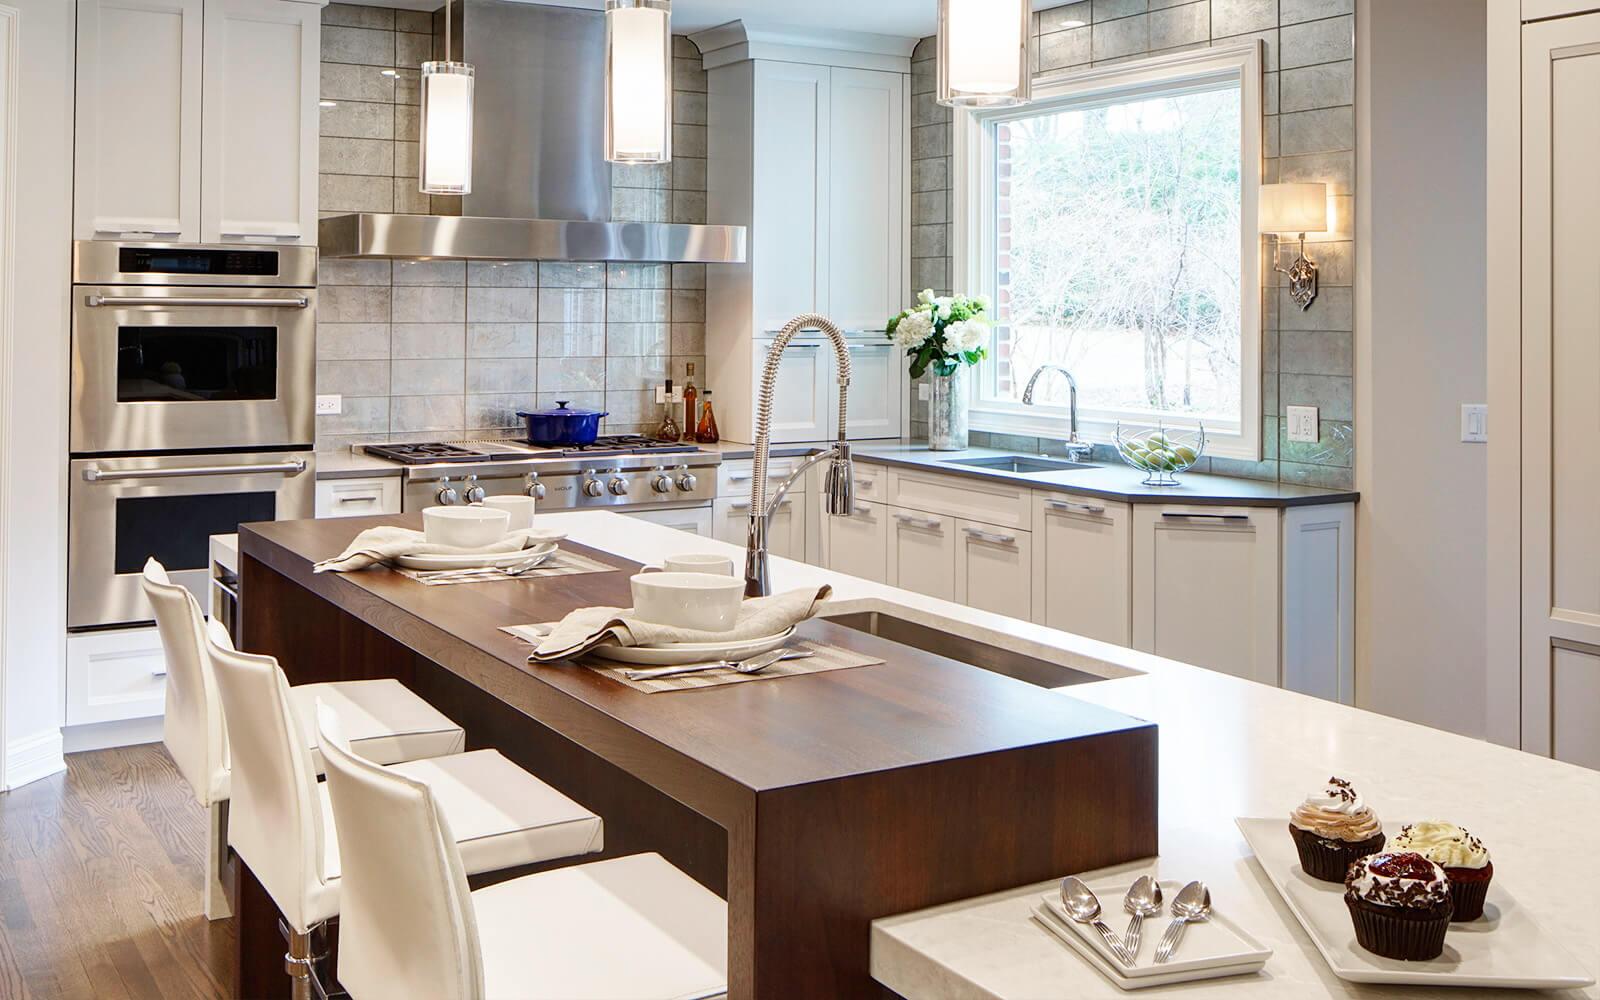 Modern Kitchen Design - Drury Design on Modern Kitchen Design Ideas  id=91572